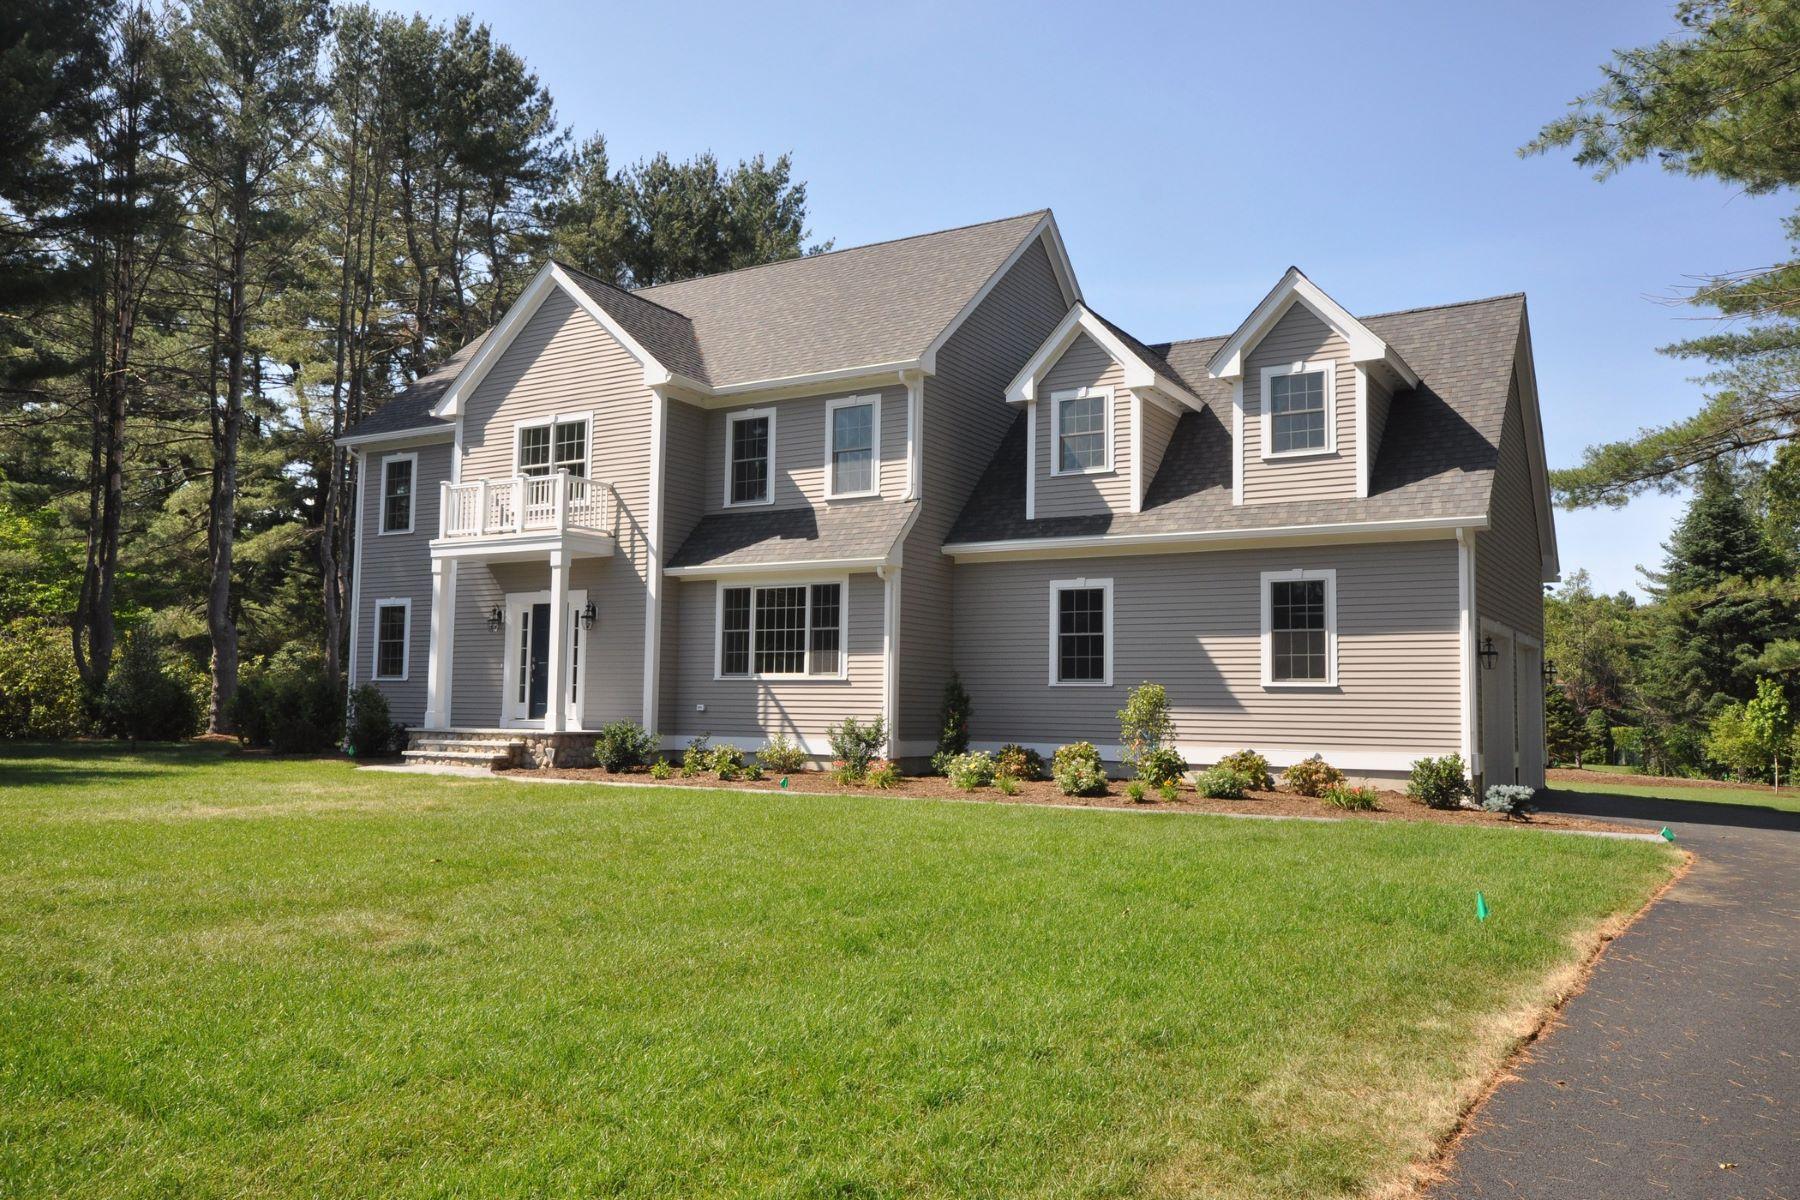 Maison unifamiliale pour l Vente à New Construction Southside Neighborhood Cul-de-sac 22 Wagonwheel Road Sudbury, Massachusetts, 01776 États-Unis